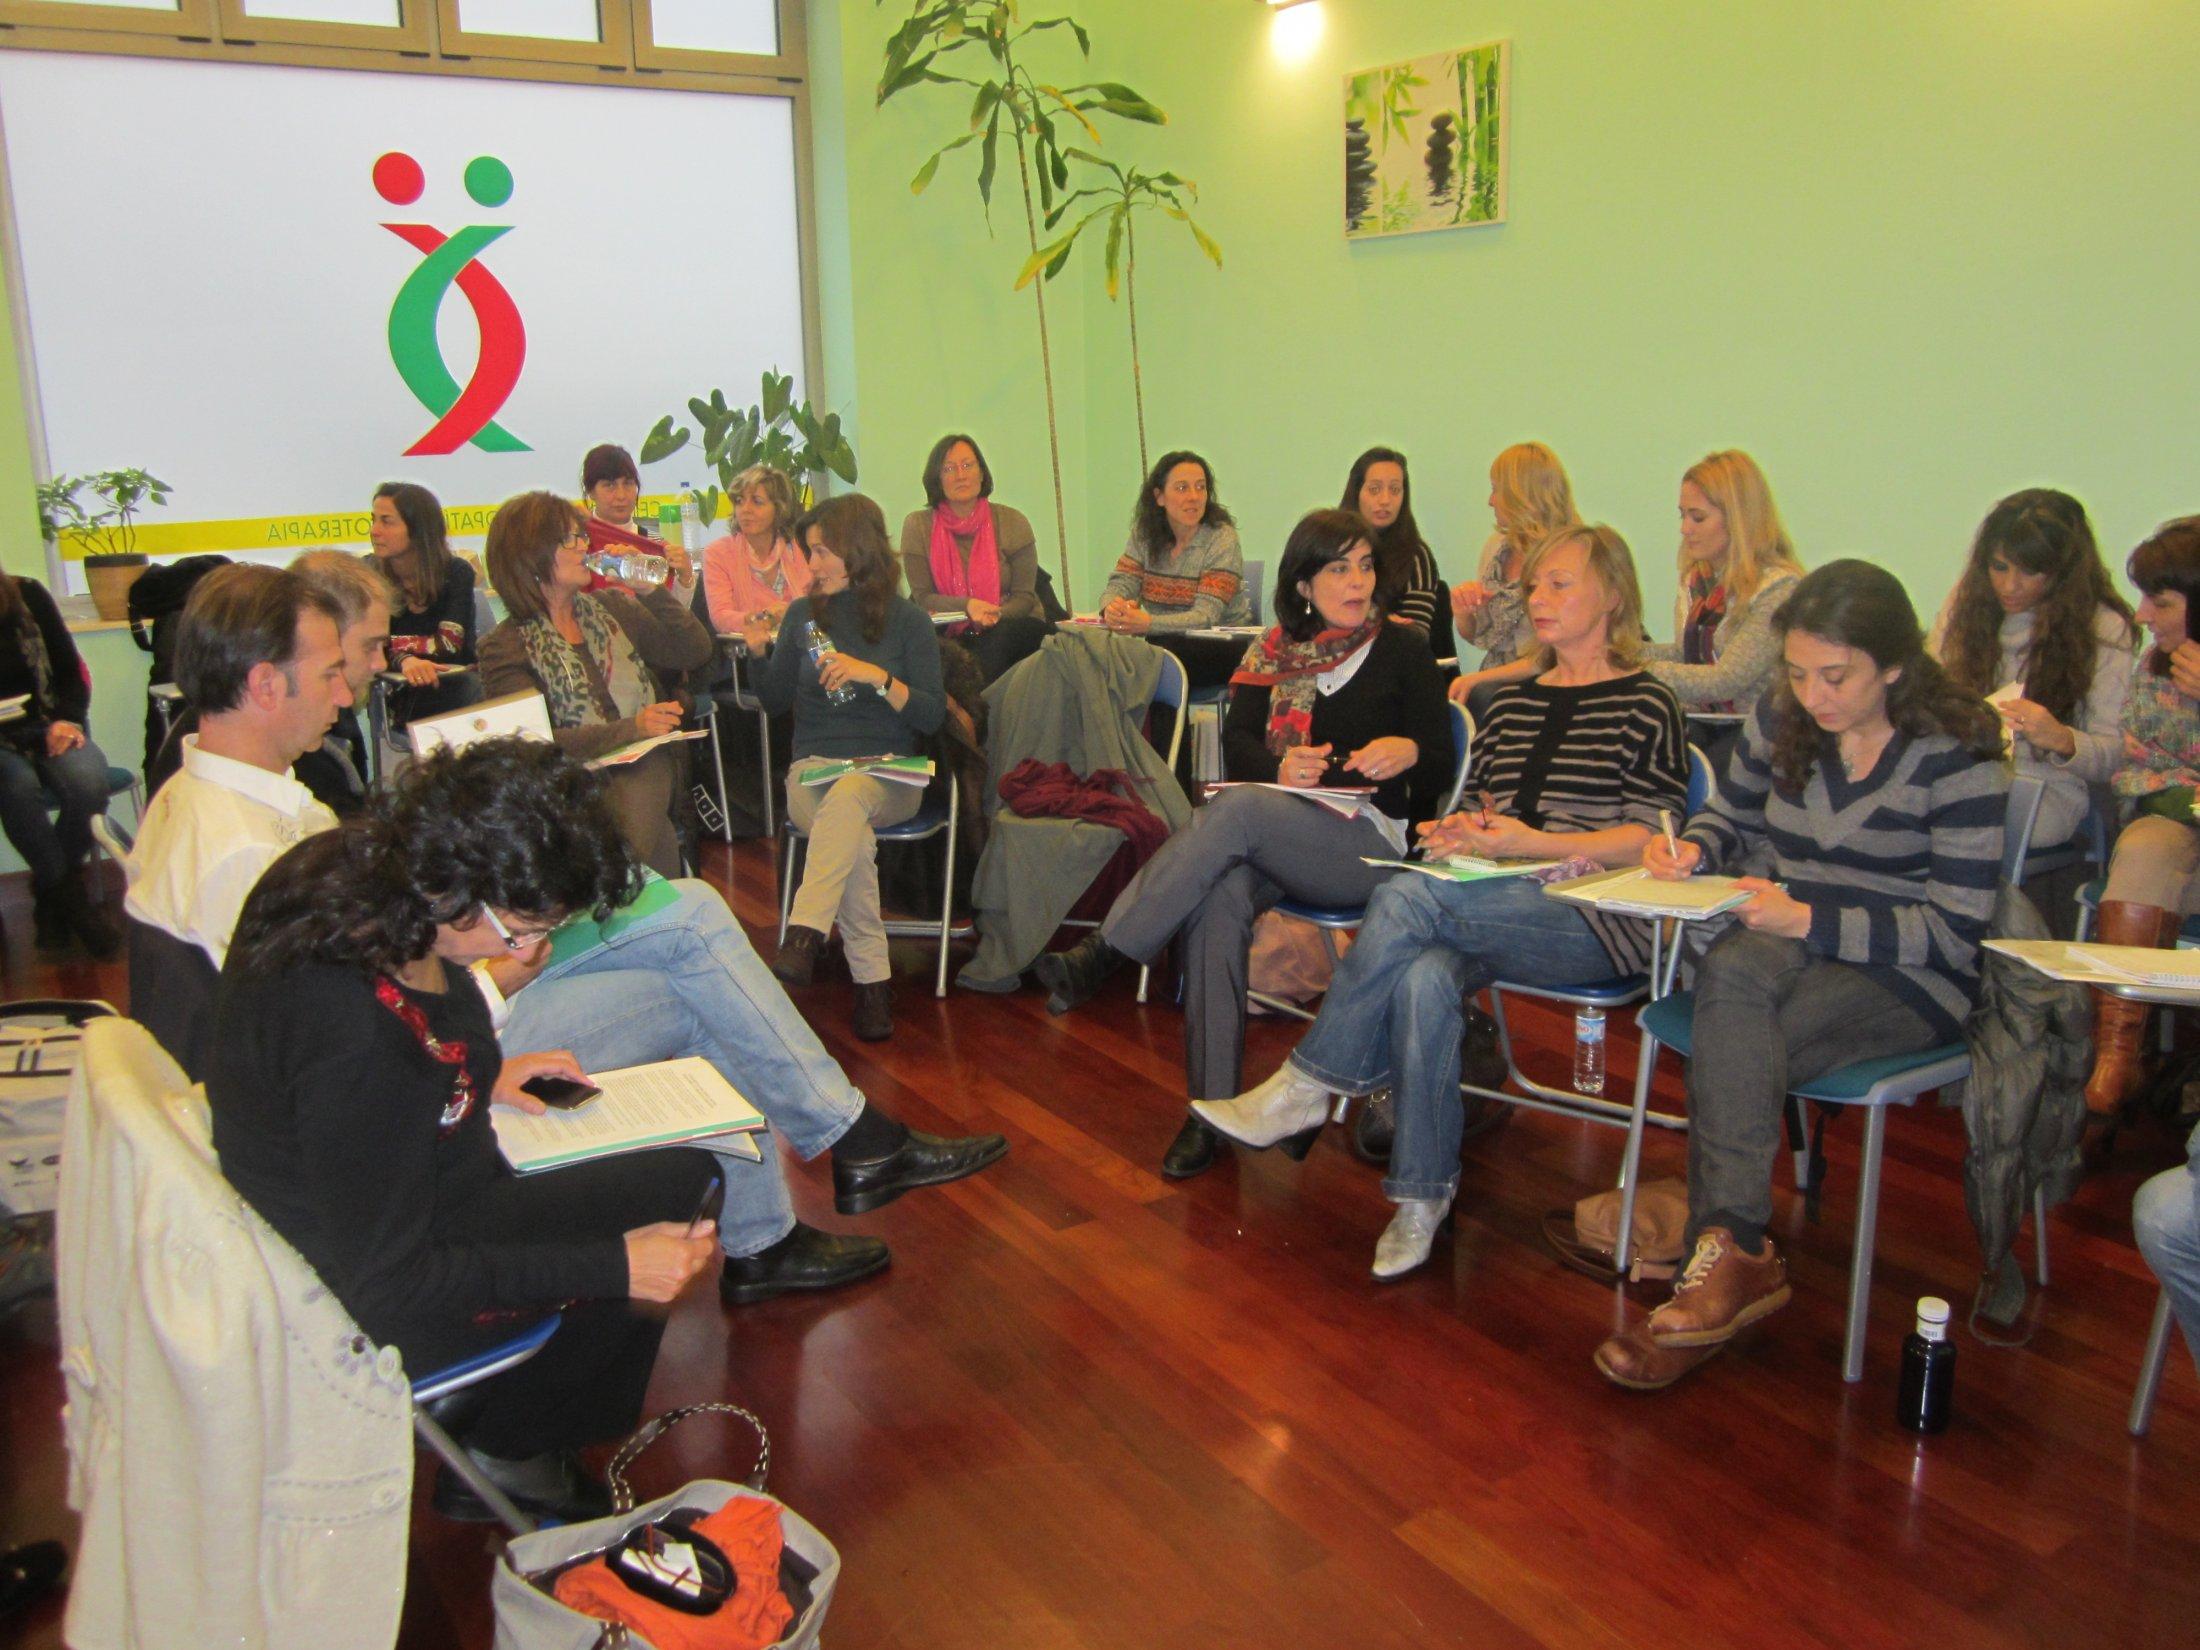 Curso EFT Tapping Gijón diciembre 2012